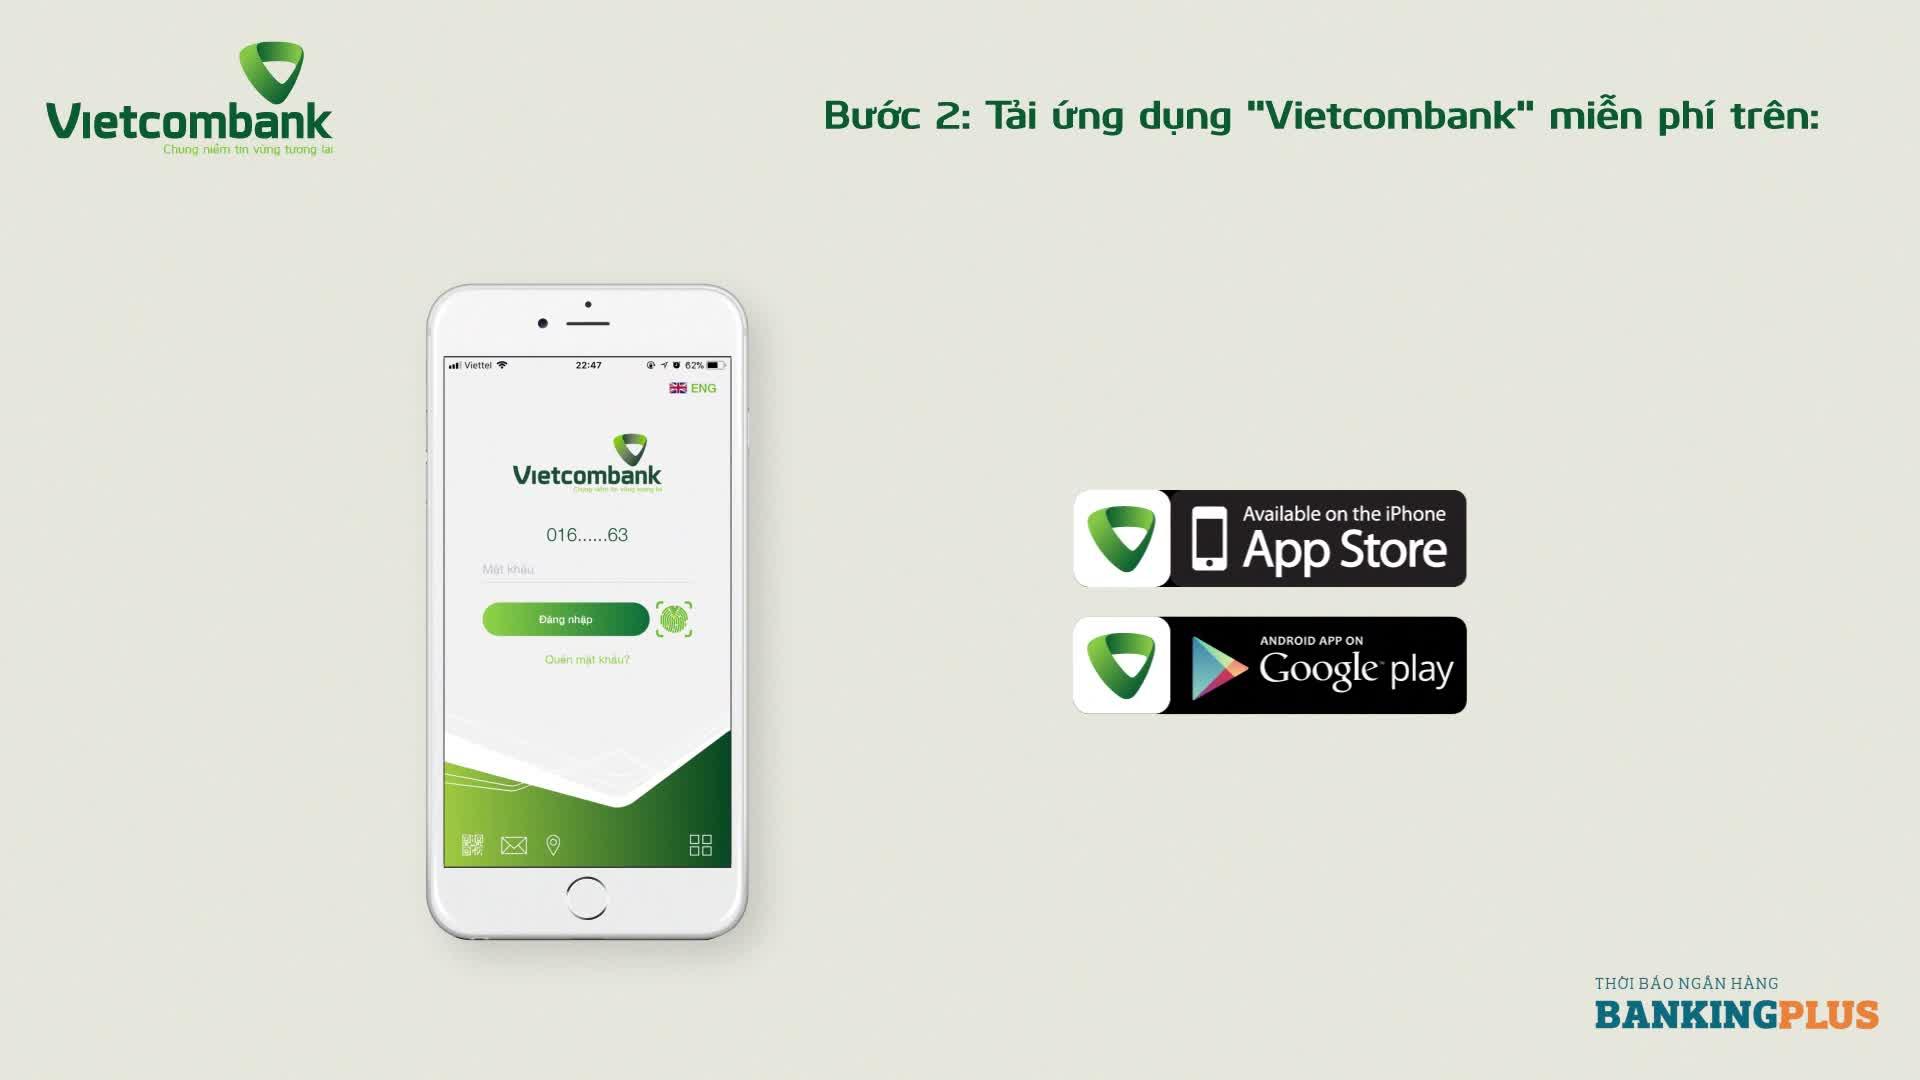 Hướng dẫn sử dụng thanh toán hóa đơn thông qua ứng dụng VCB - Mobile B@nking